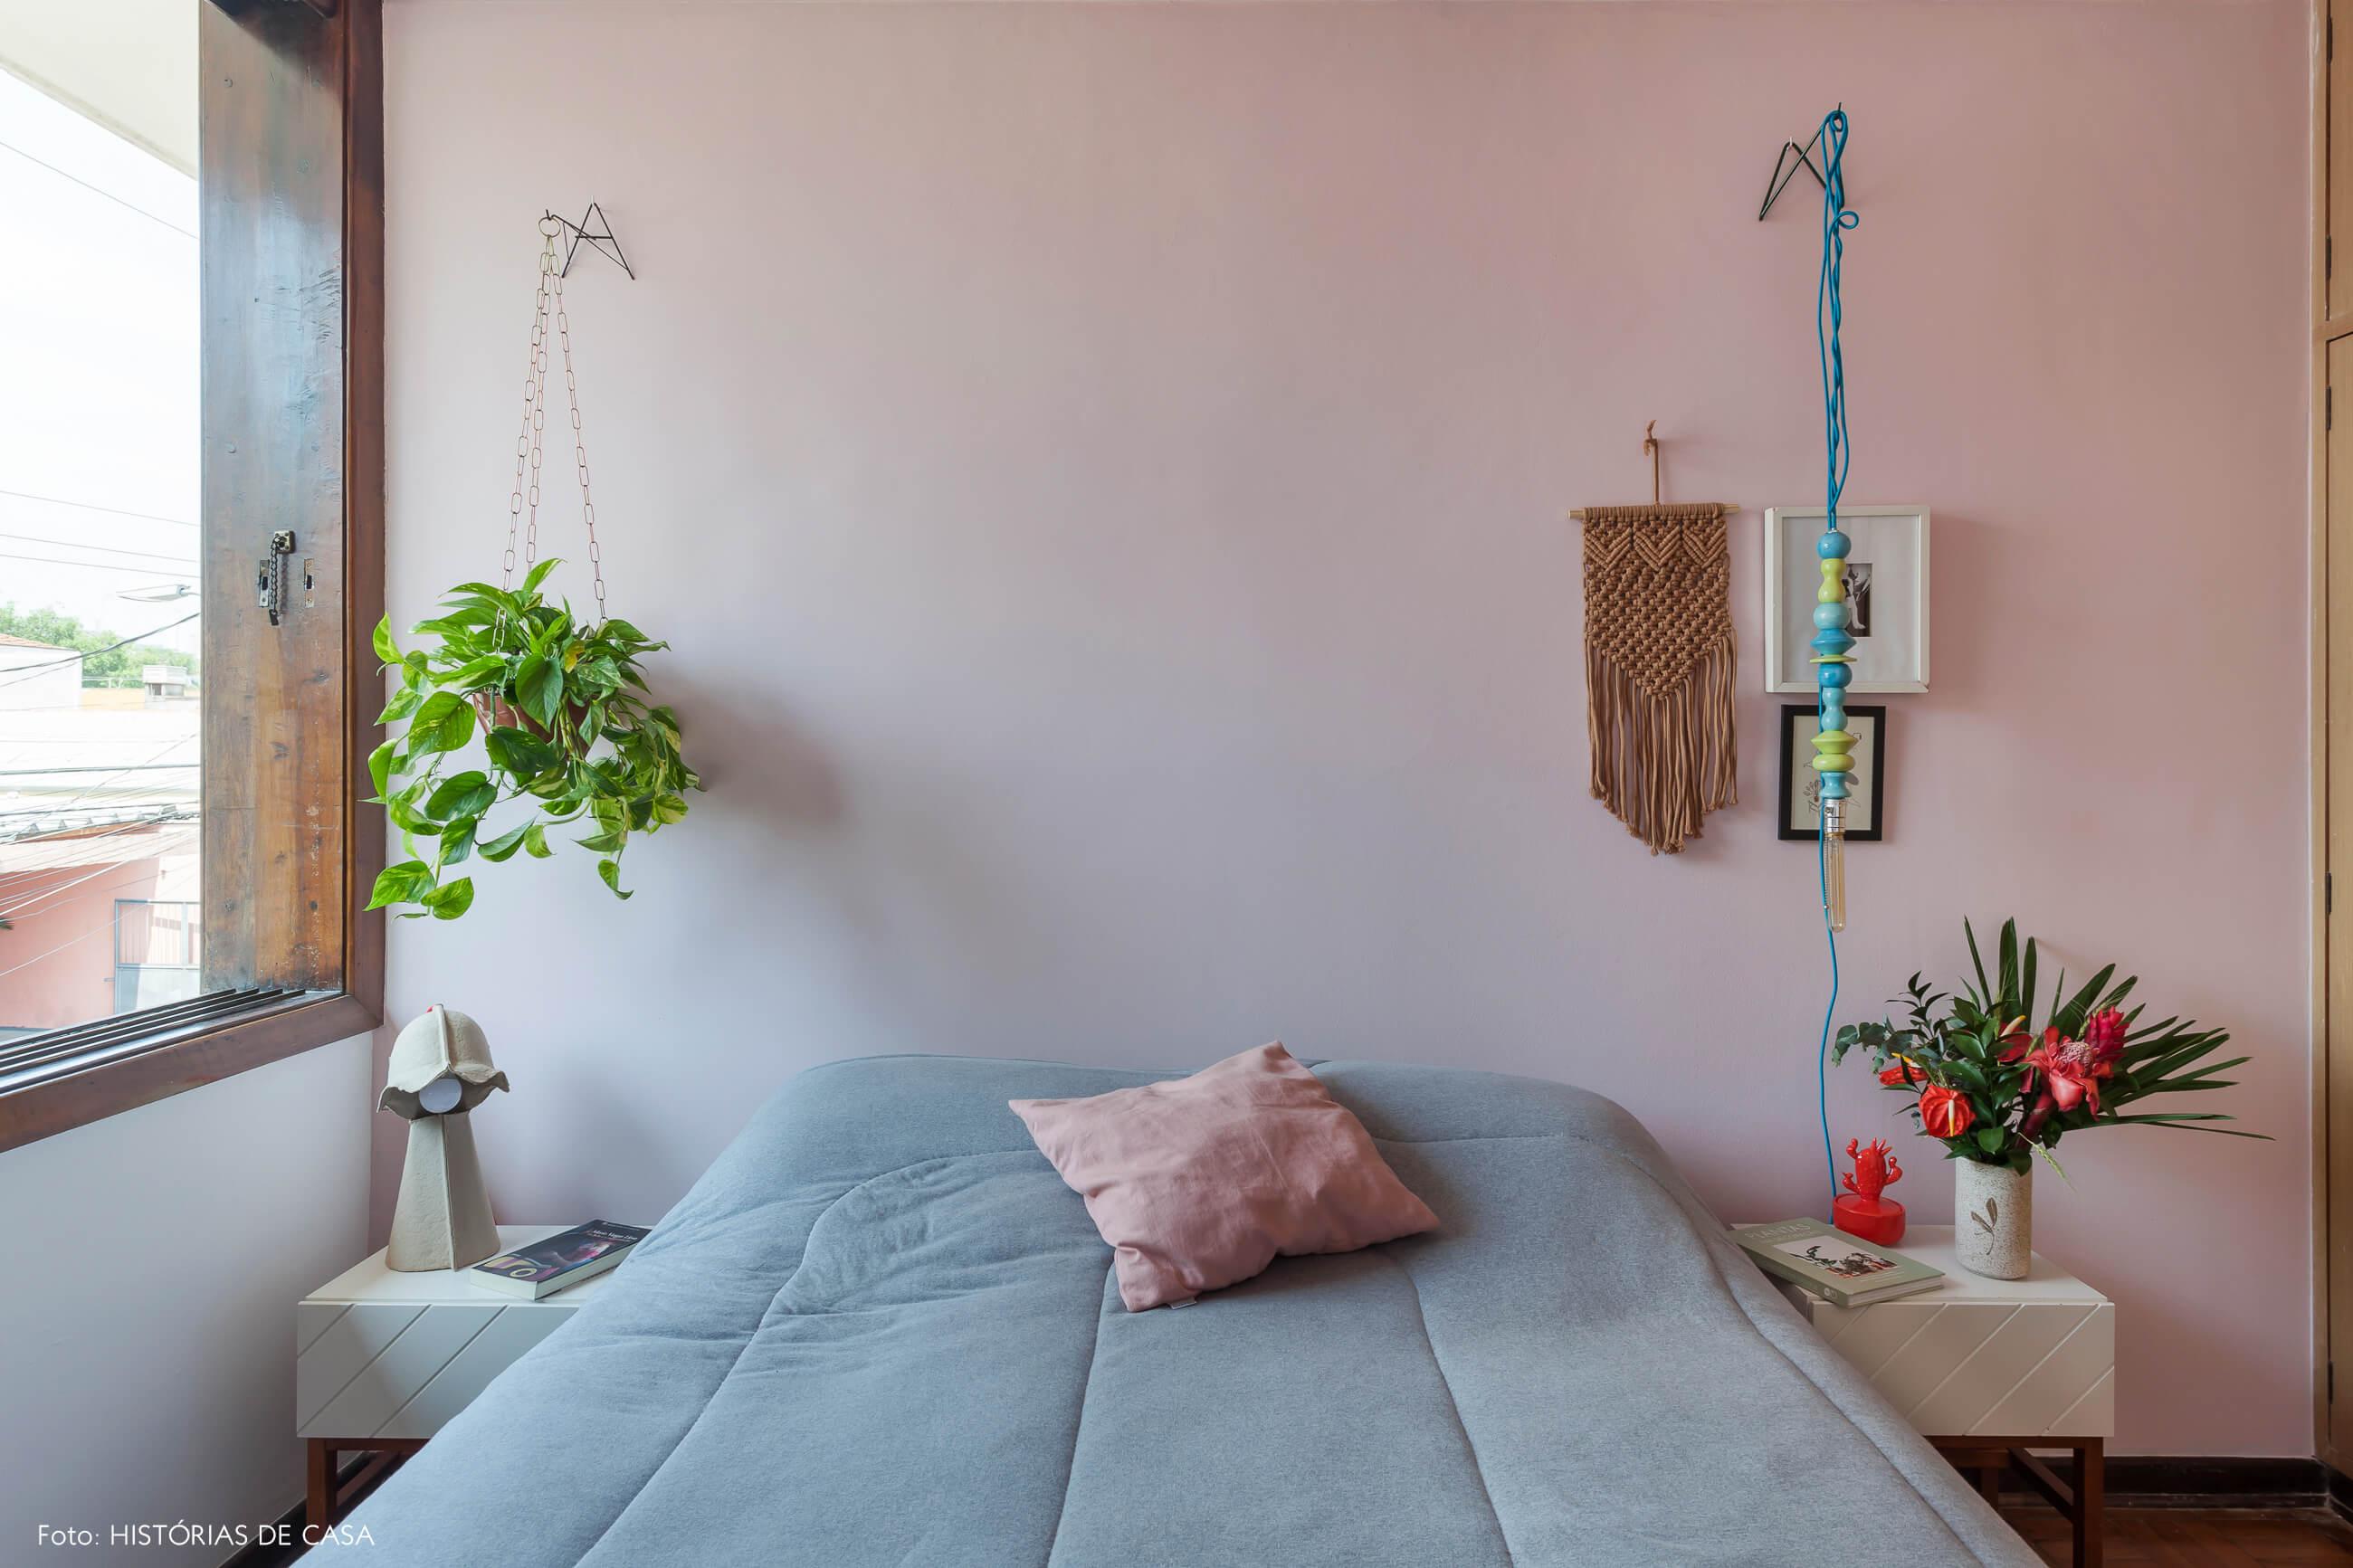 Quarto com parede e teto pintado de rosa